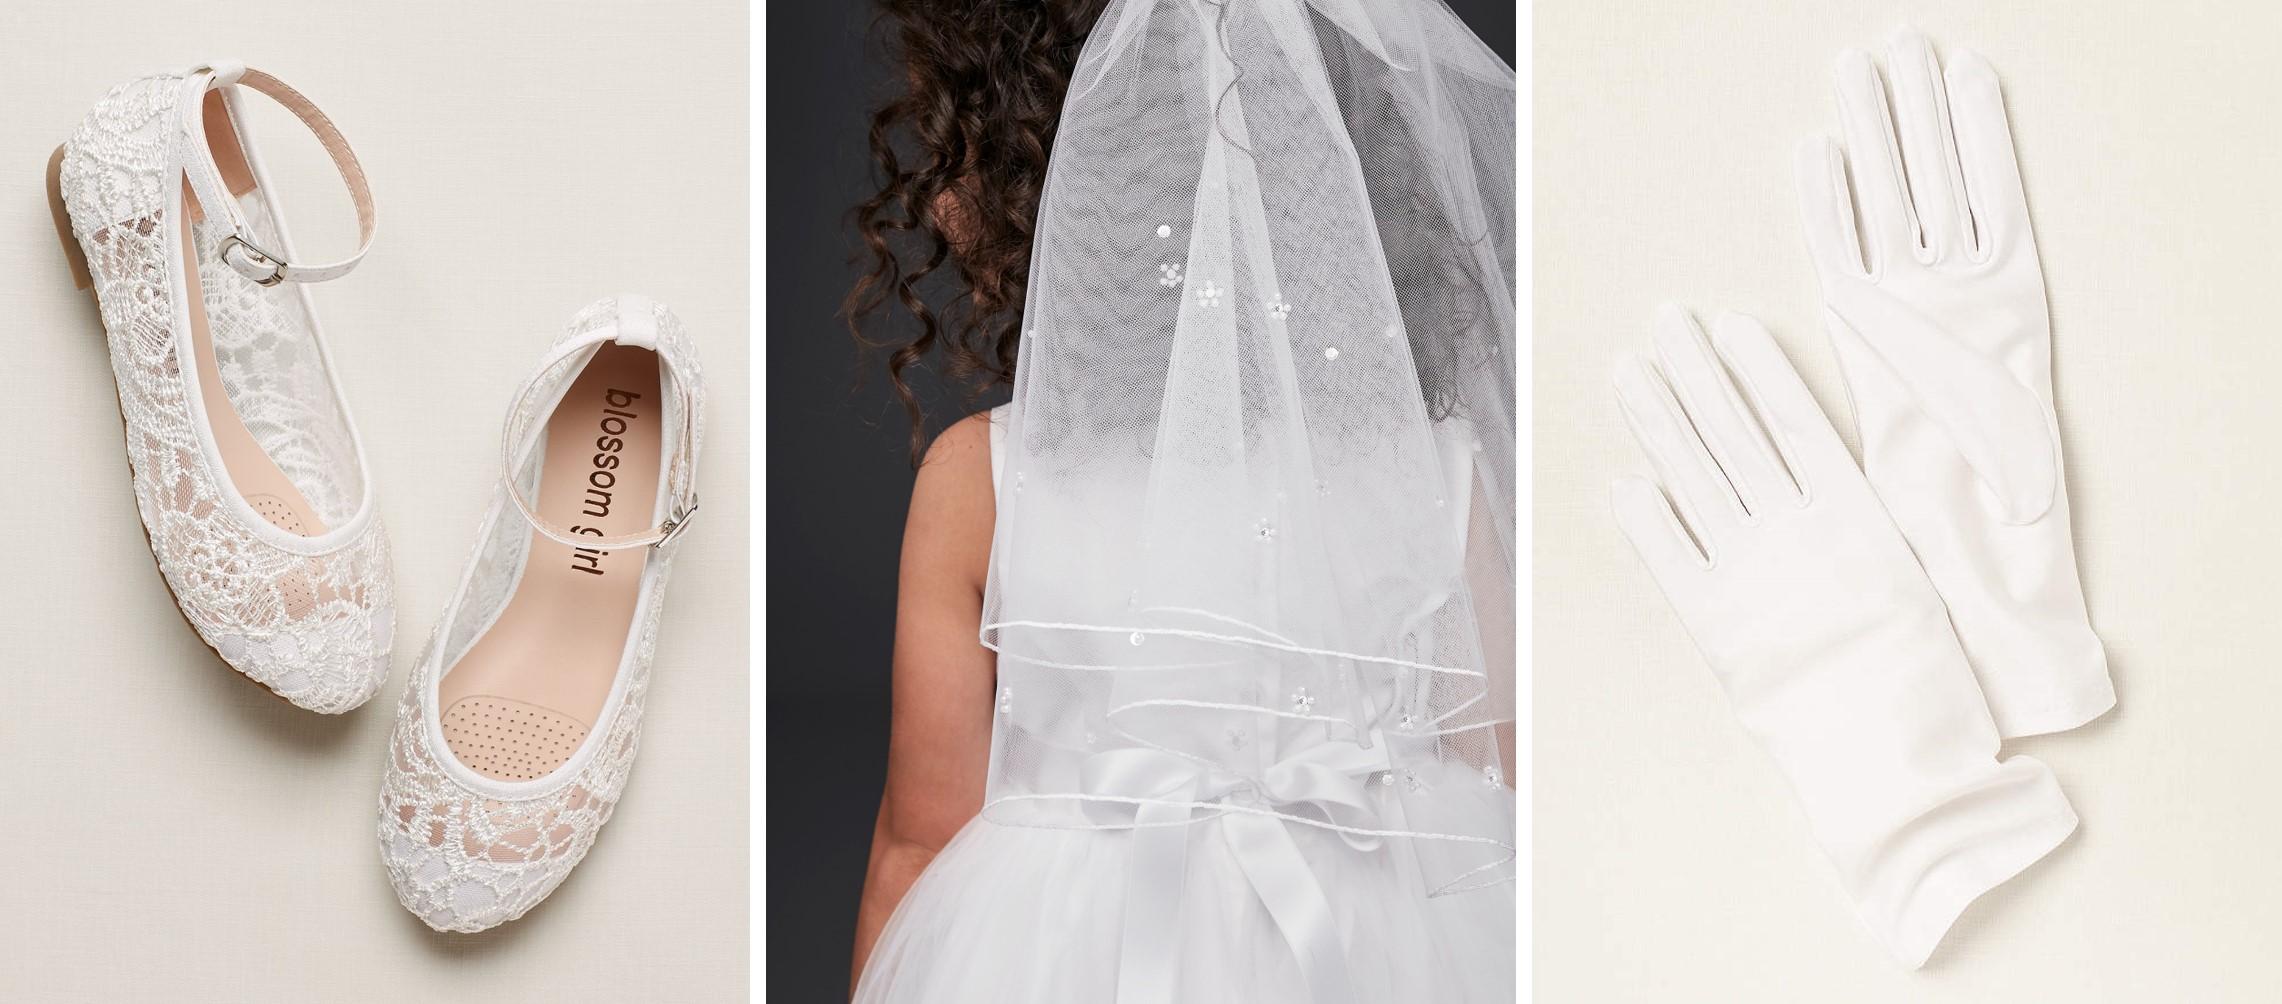 Lace ballet flats, communion veil, and communion gloves